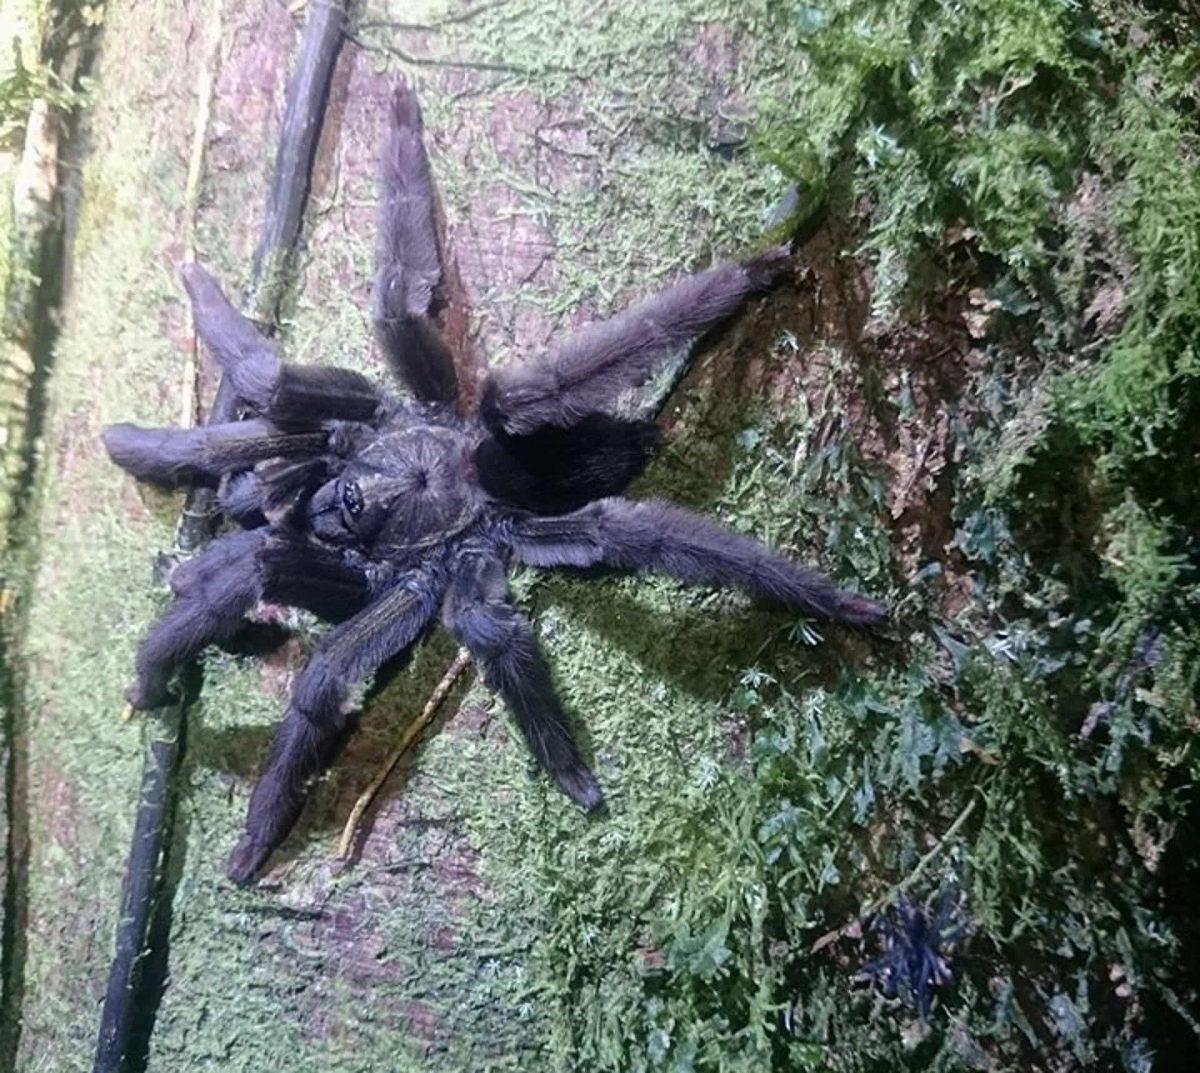 tarantula-1200x1073.jpg